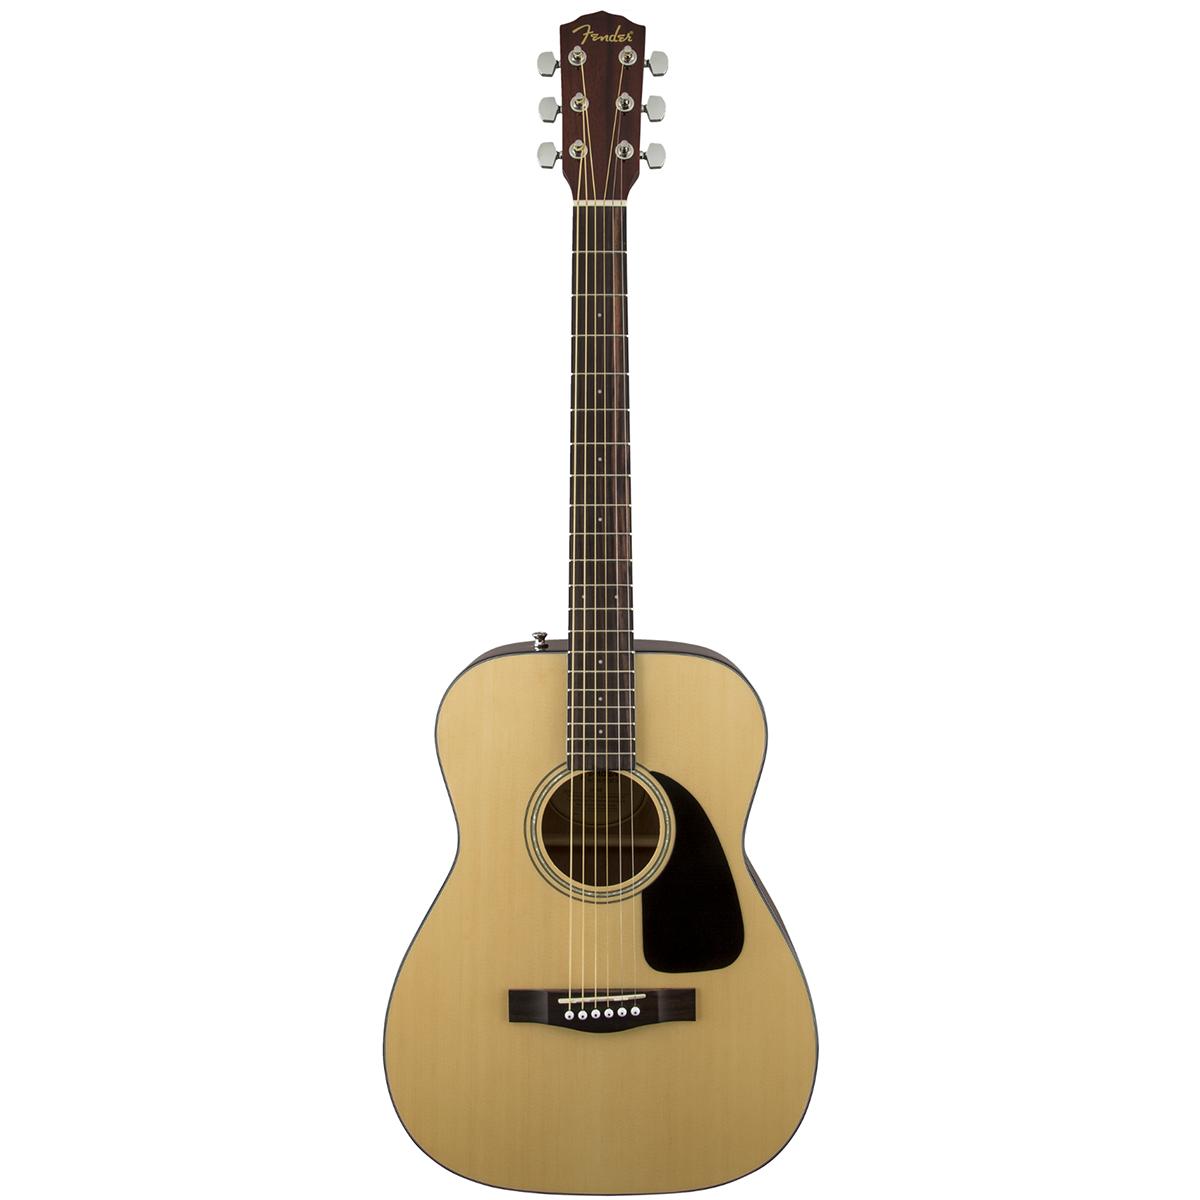 Billede af Fender CF-60 western-guitar natur